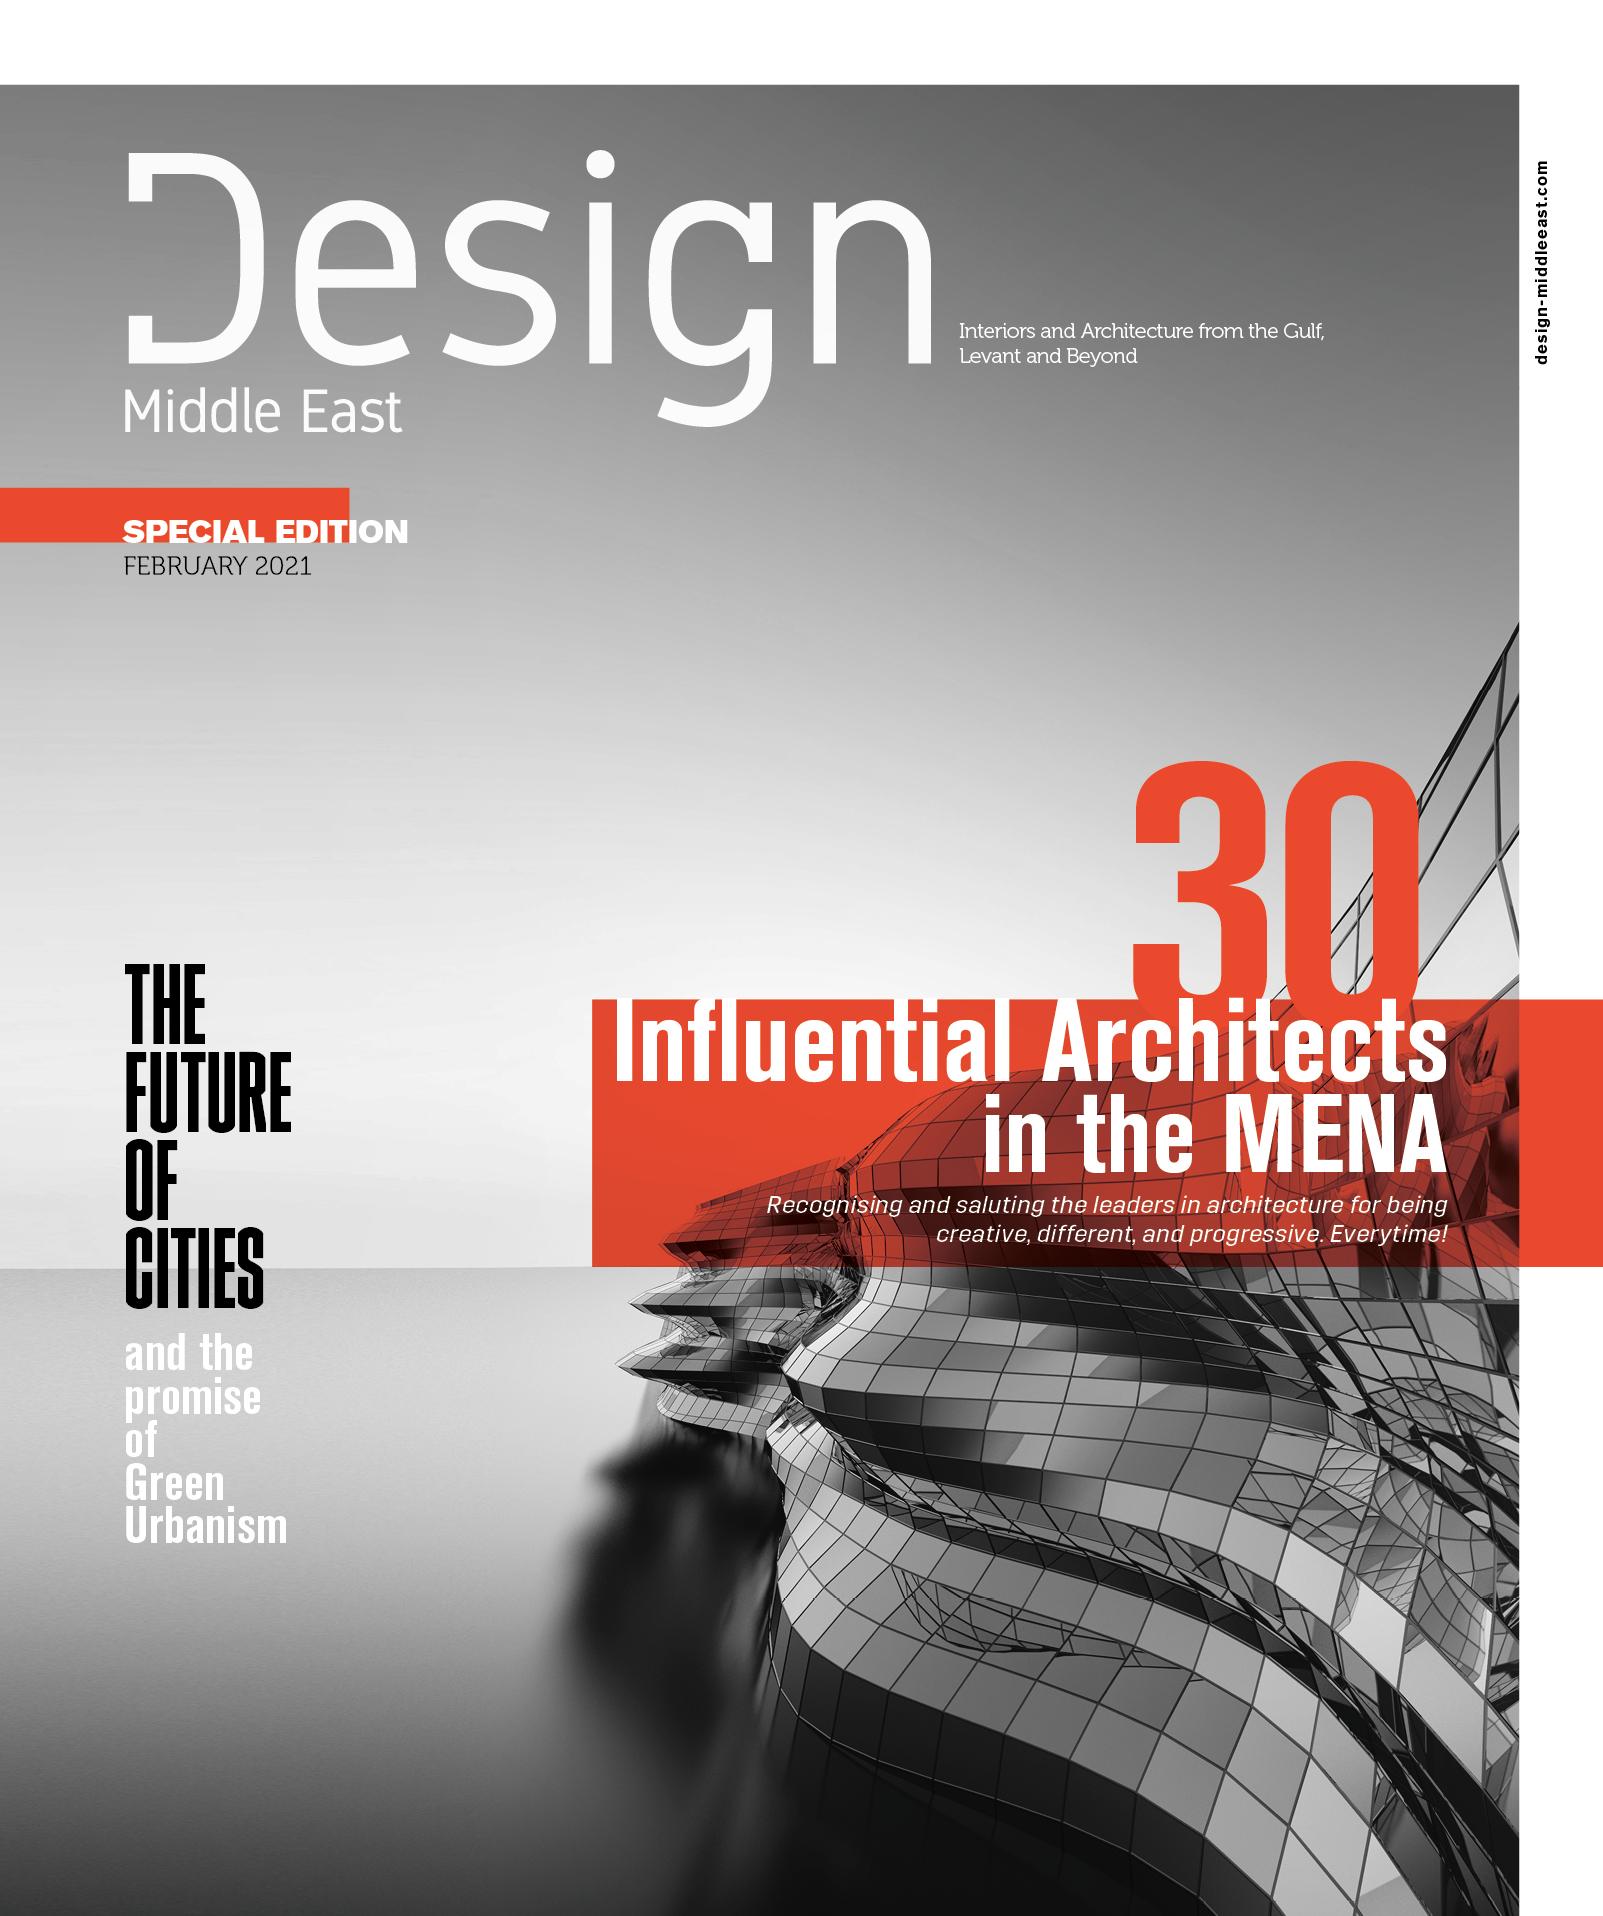 https://www.cbnme.com/magazines/design-me-february-2021/